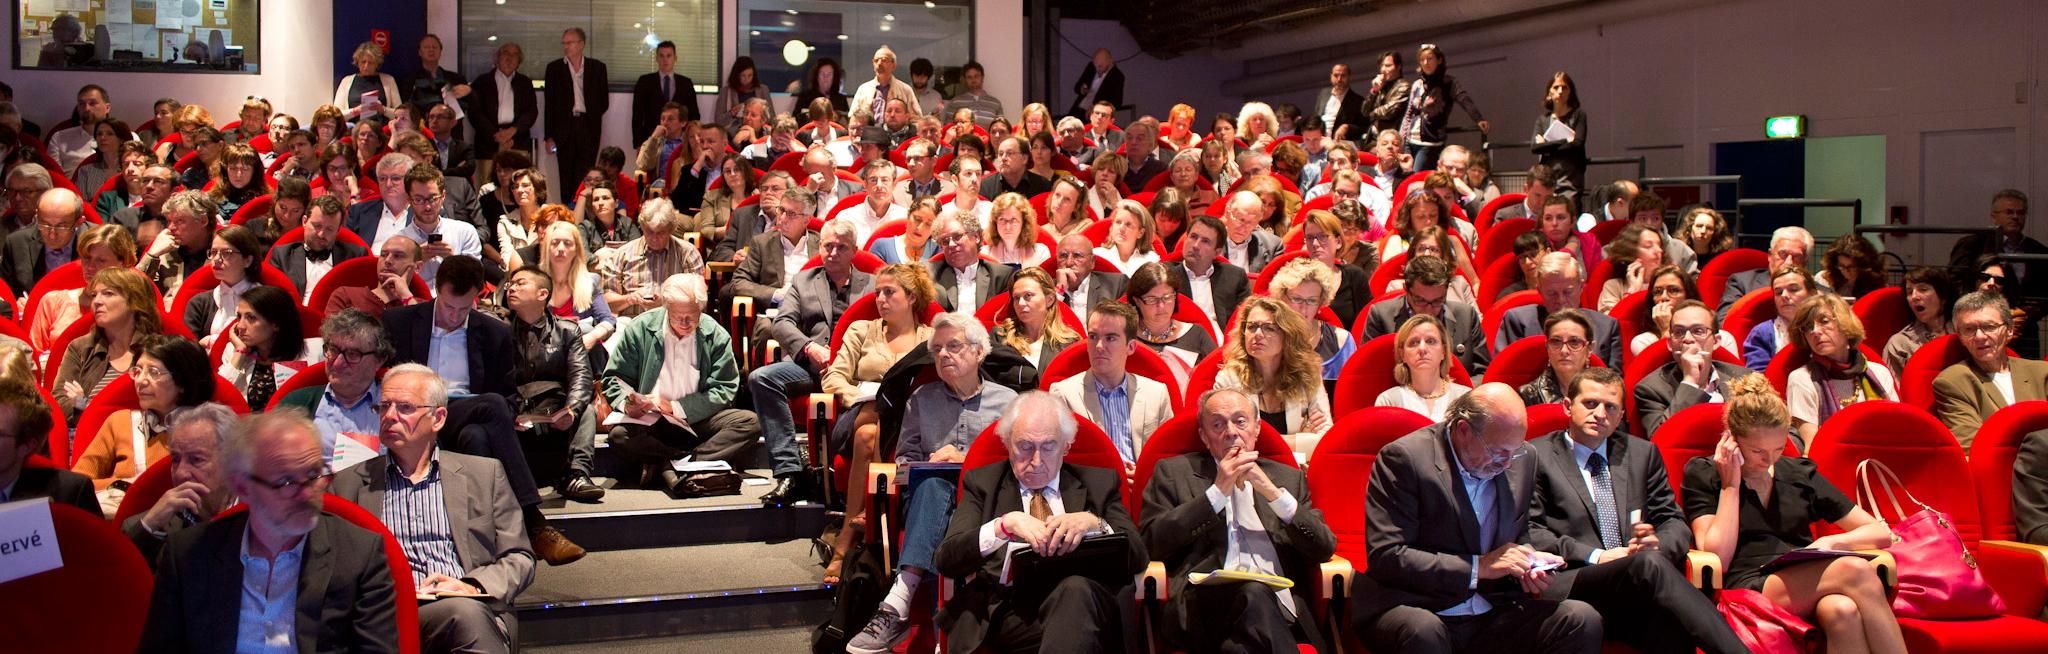 La salle, pleine dès 9H... pour une journée dense et passionnante. Michel Rocard est assis au premier rang. – à Cité des Sciences et de l'Industrie.